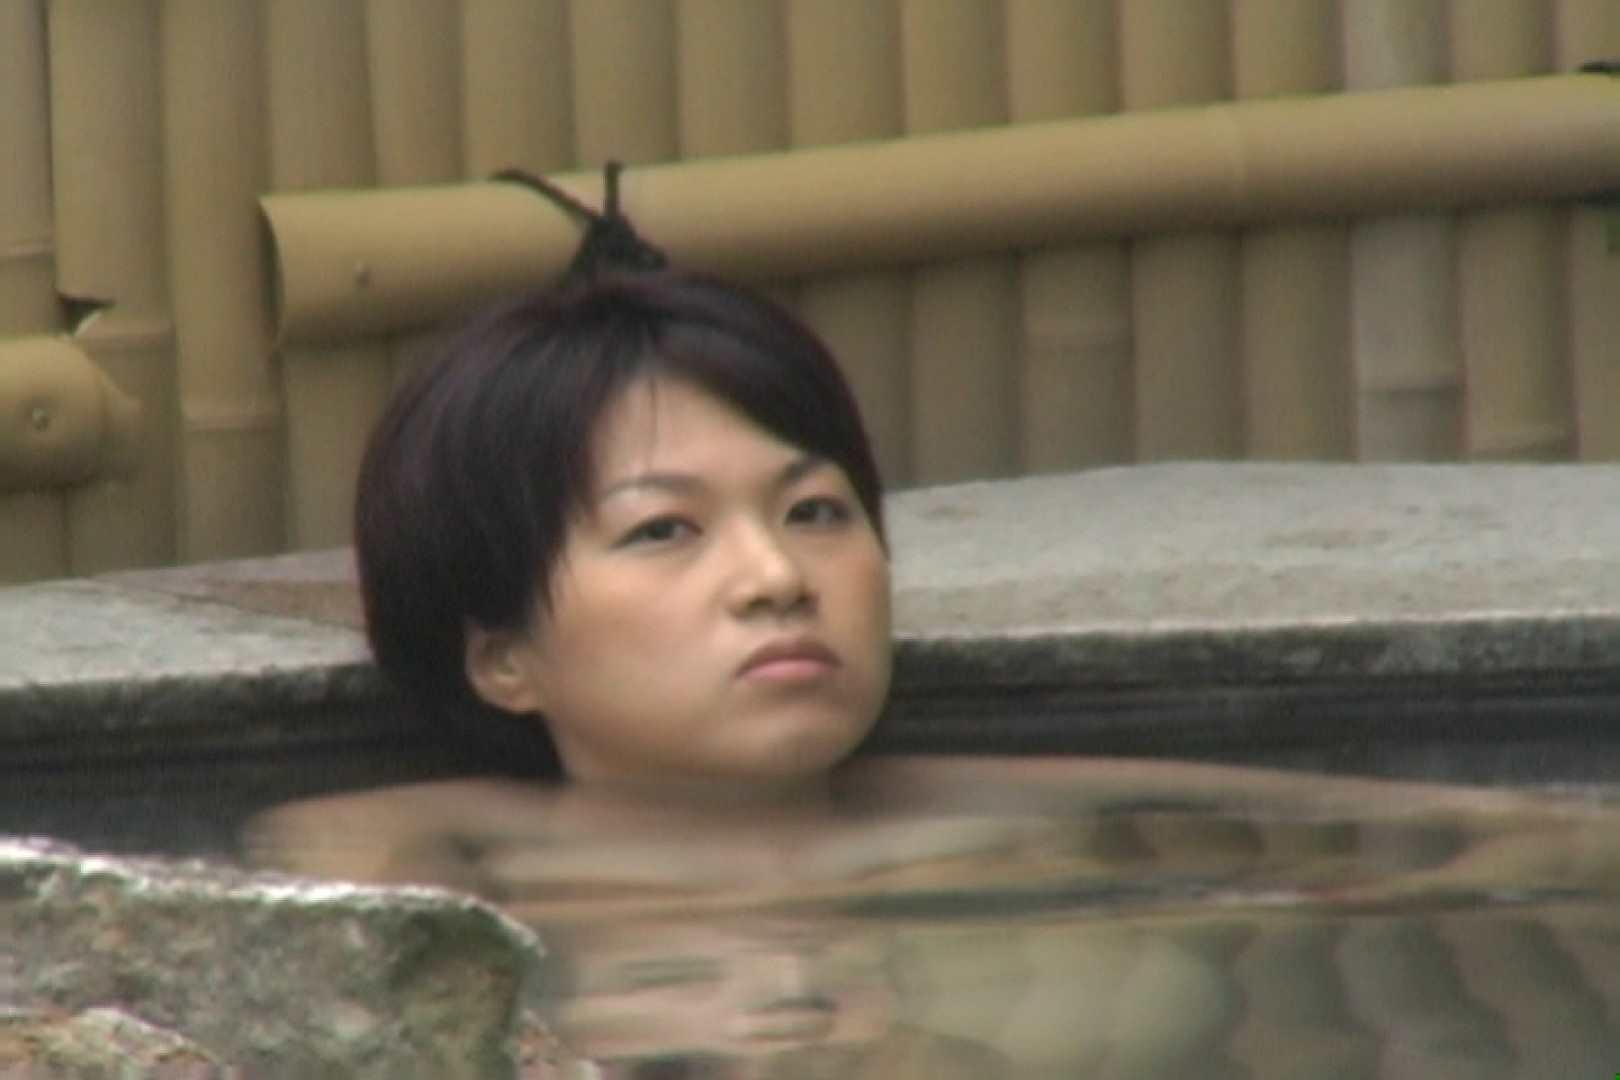 Aquaな露天風呂Vol.624 盗撮 隠し撮りオマンコ動画紹介 41連発 23